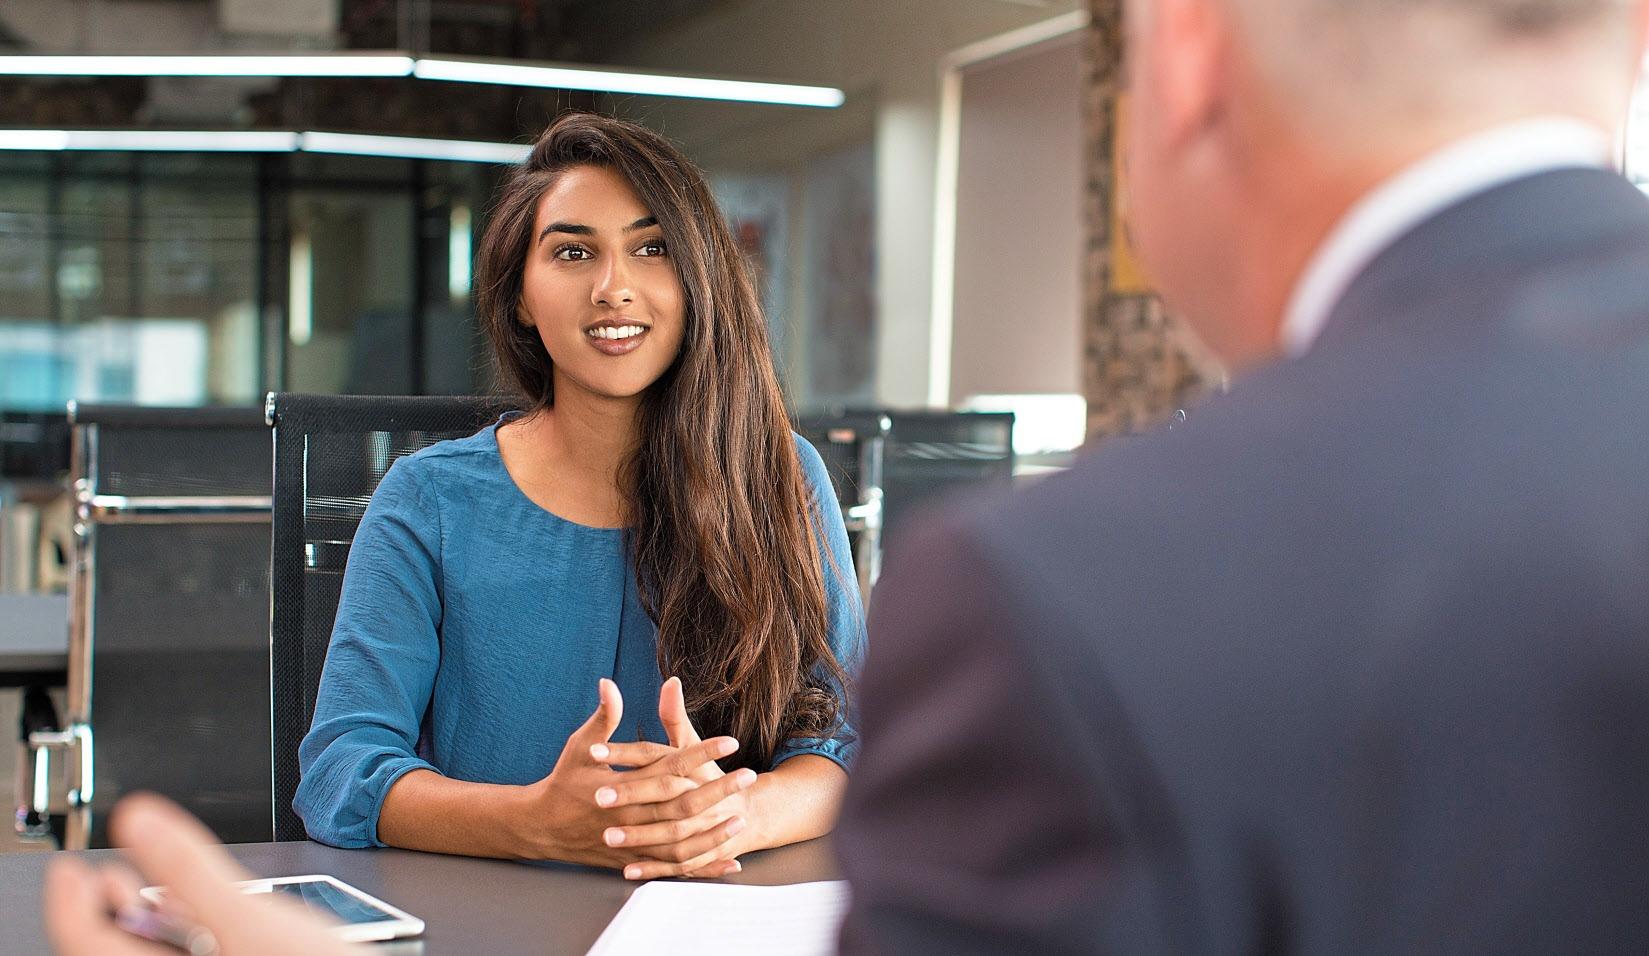 Einem Bewerbungsgespräch sollte eine gute Vorbereitung vorausgehen. Foto: Getty Images